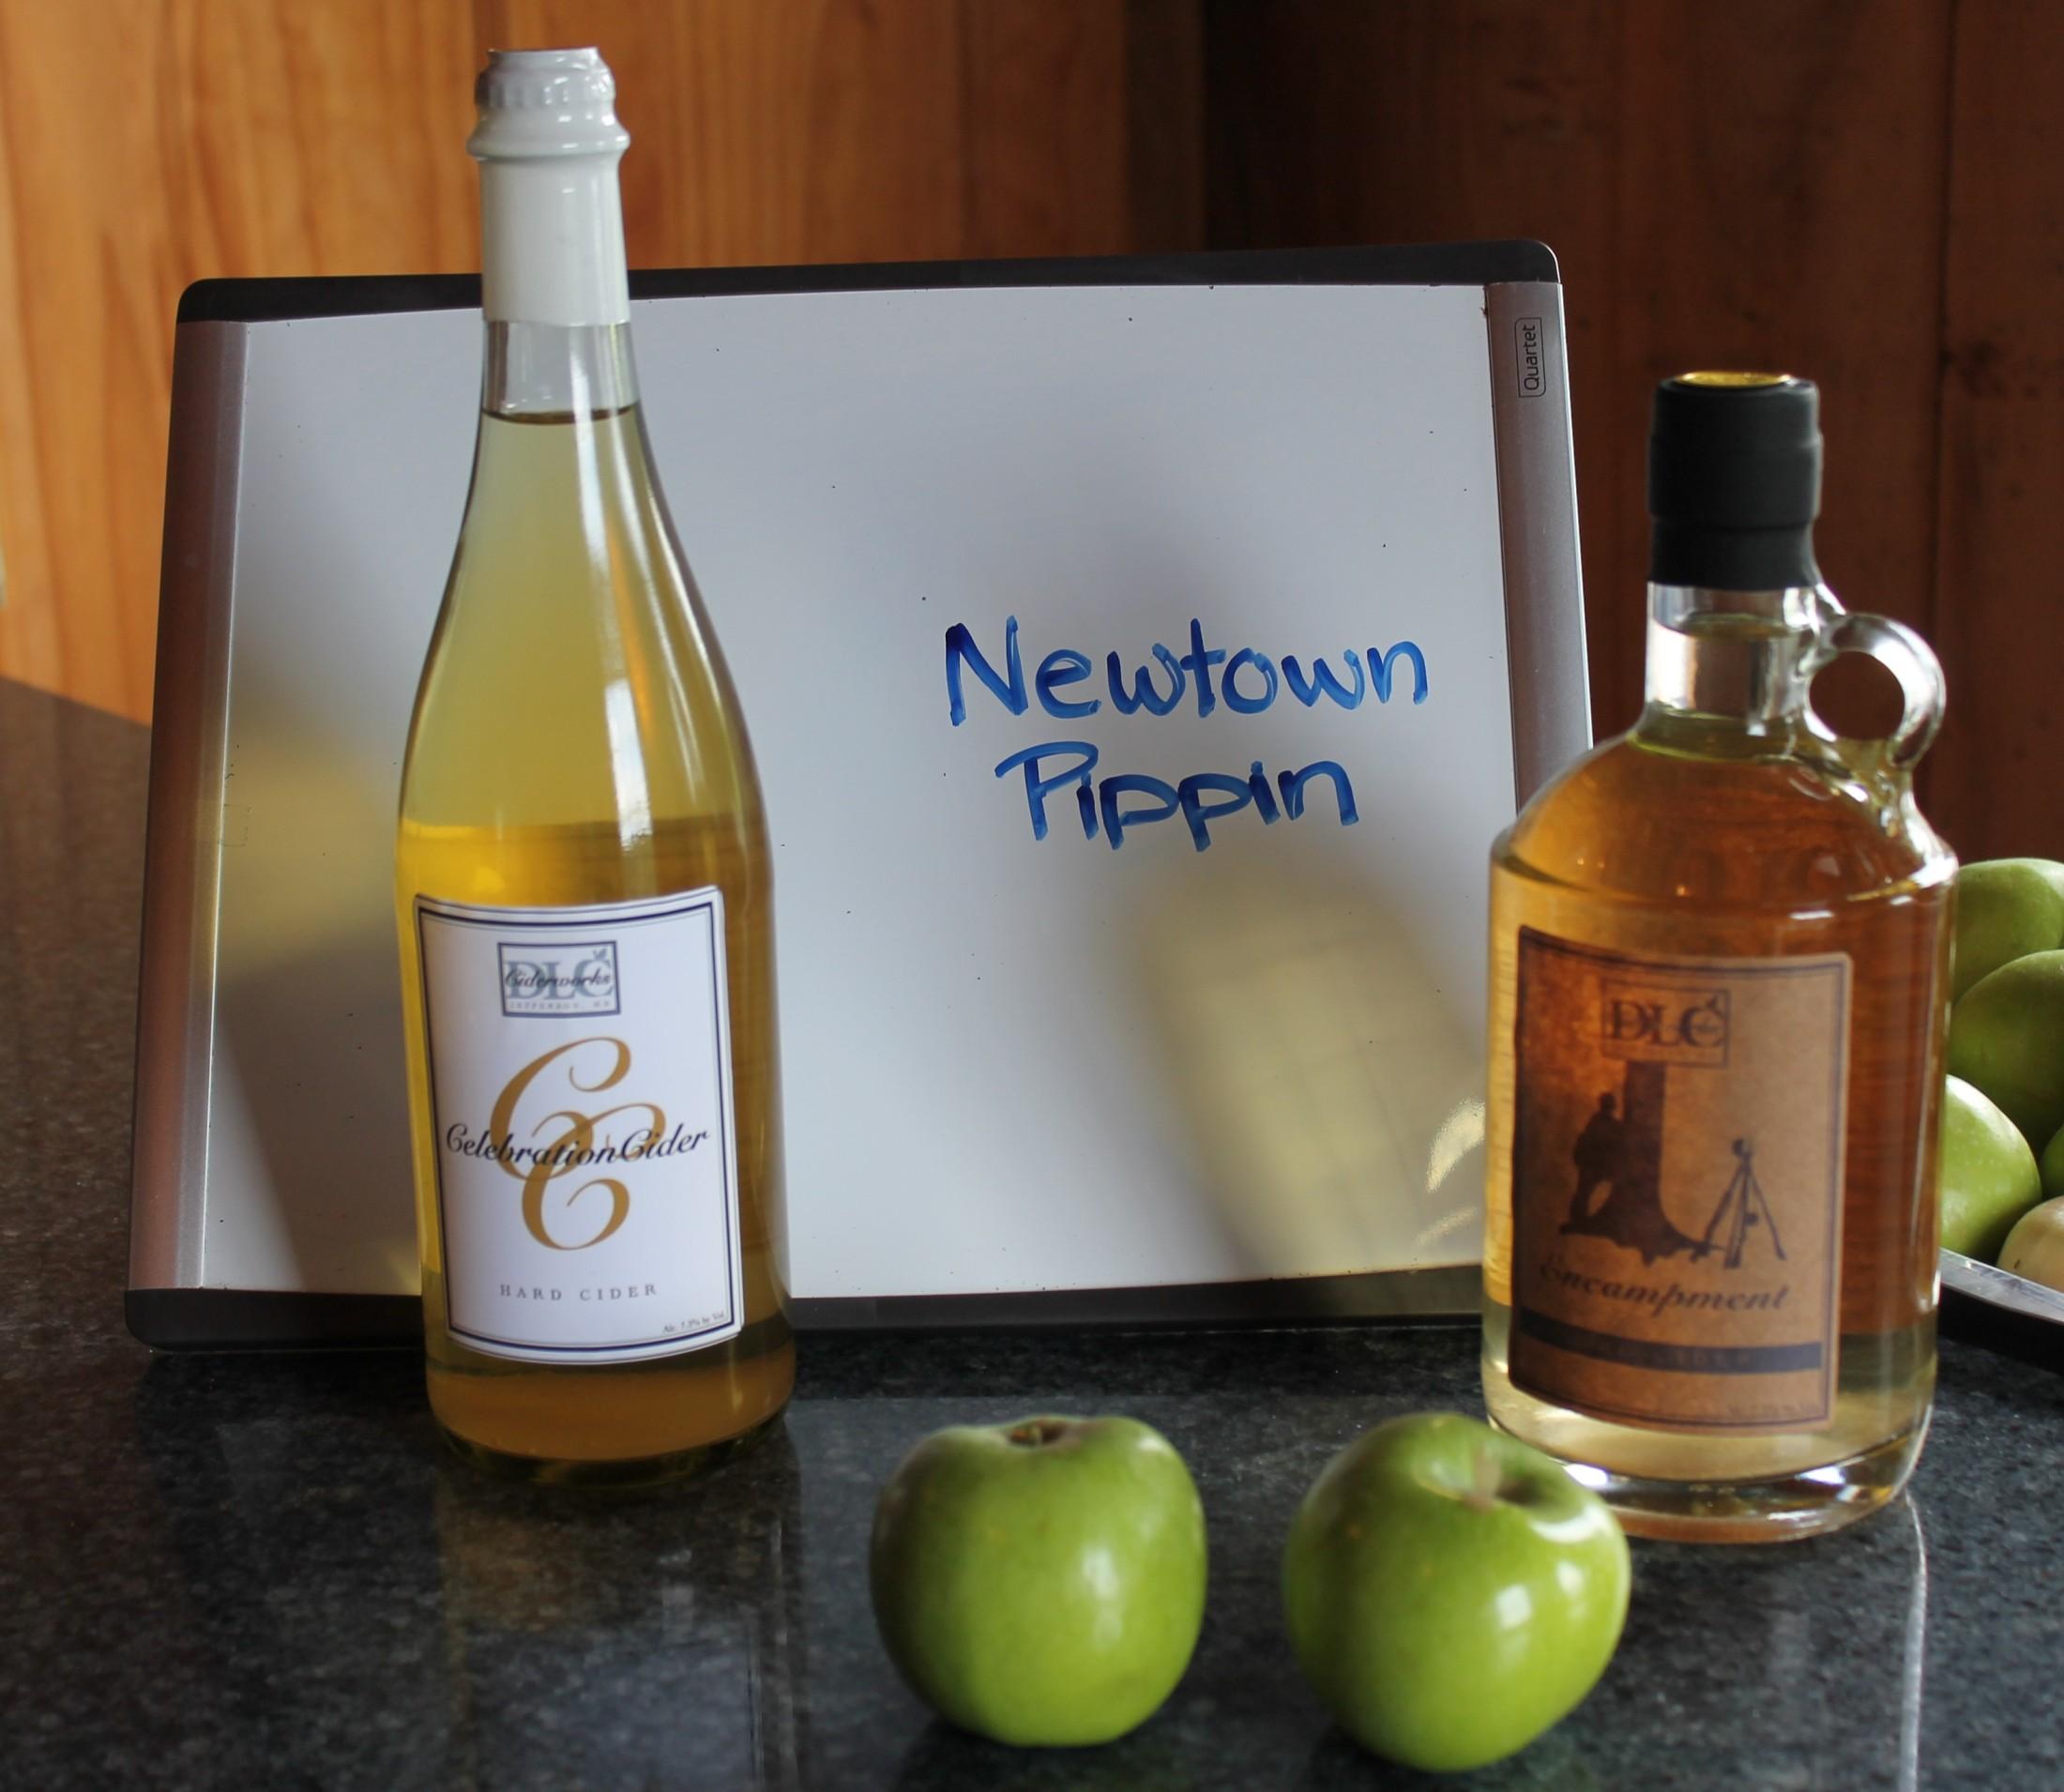 Newtown Pippin